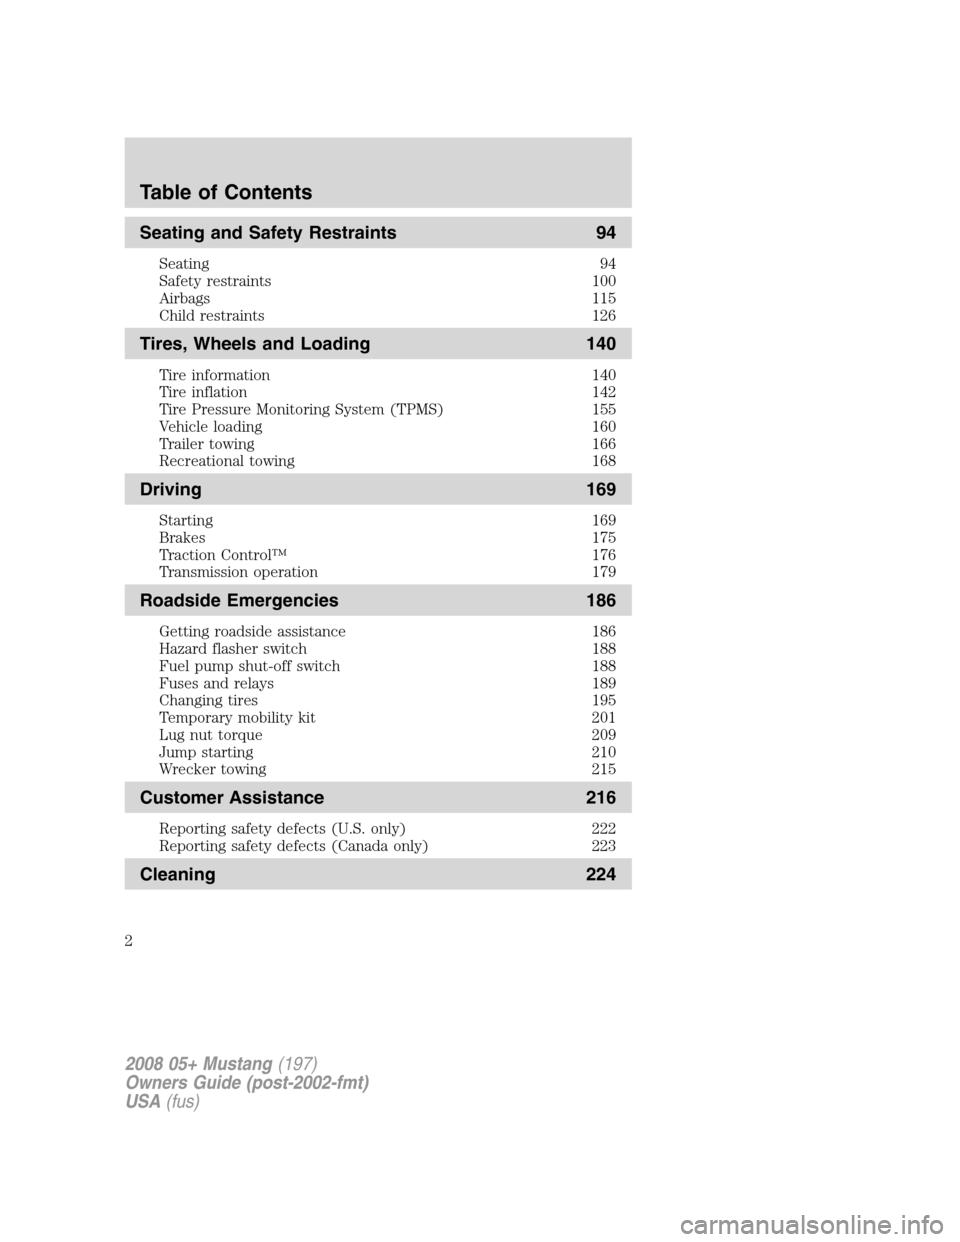 2008 mustang owners manual pdf